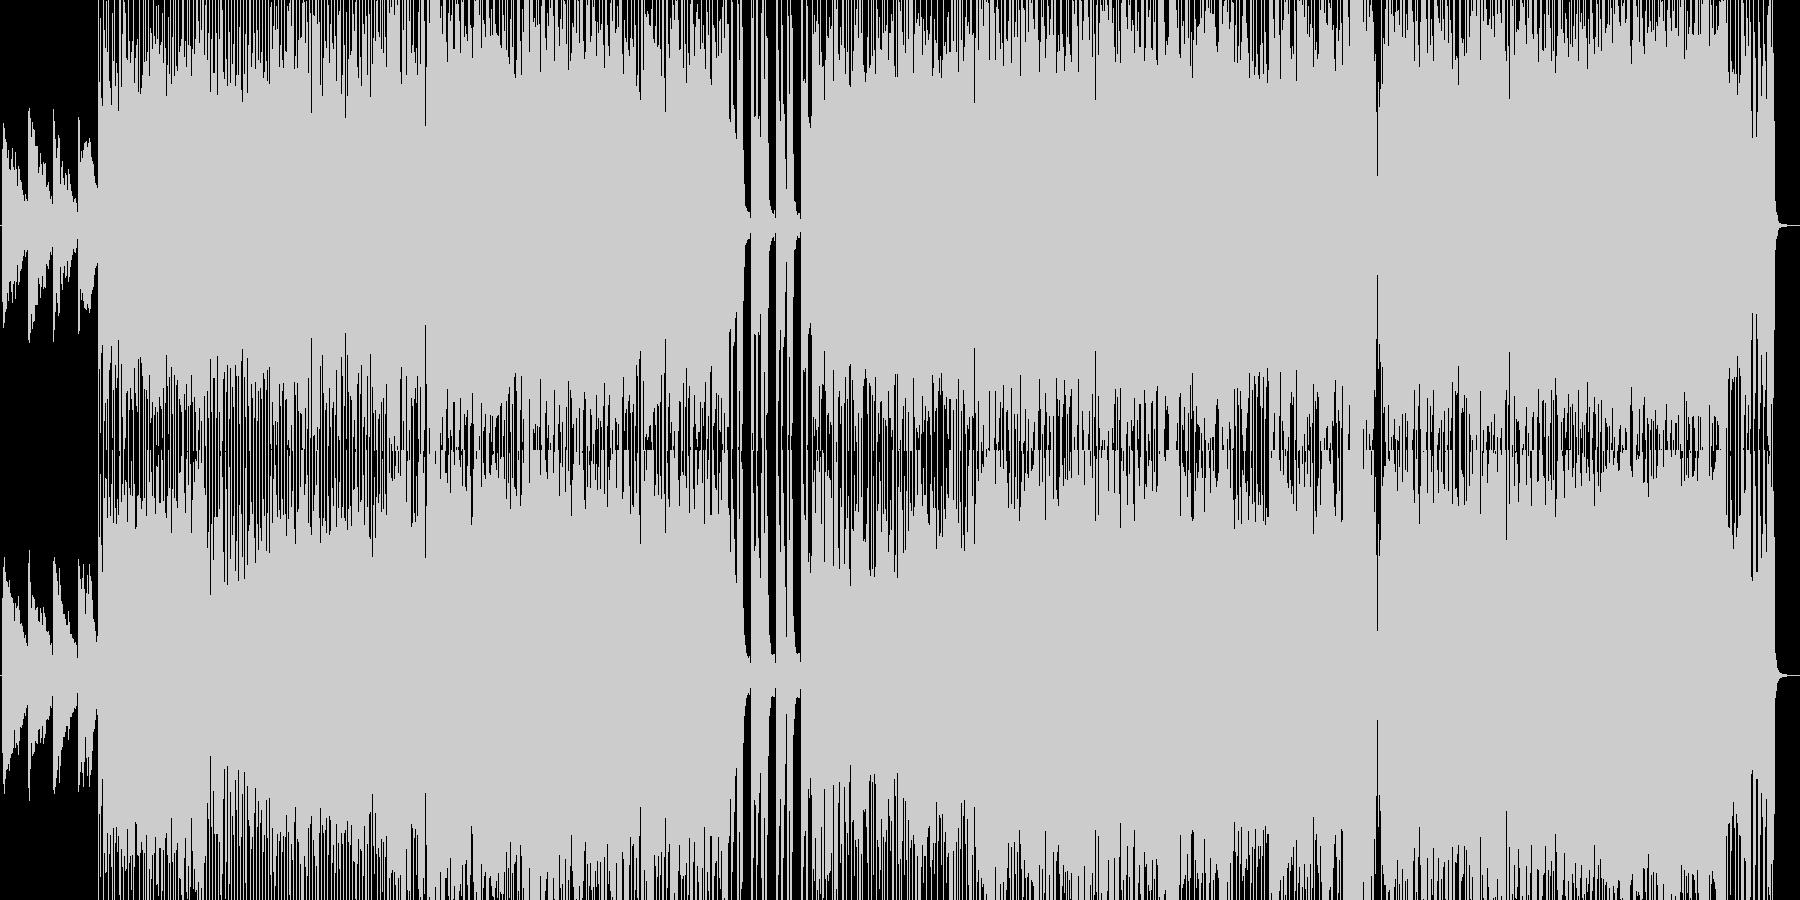 キュンと切ないガールズポップロックの未再生の波形